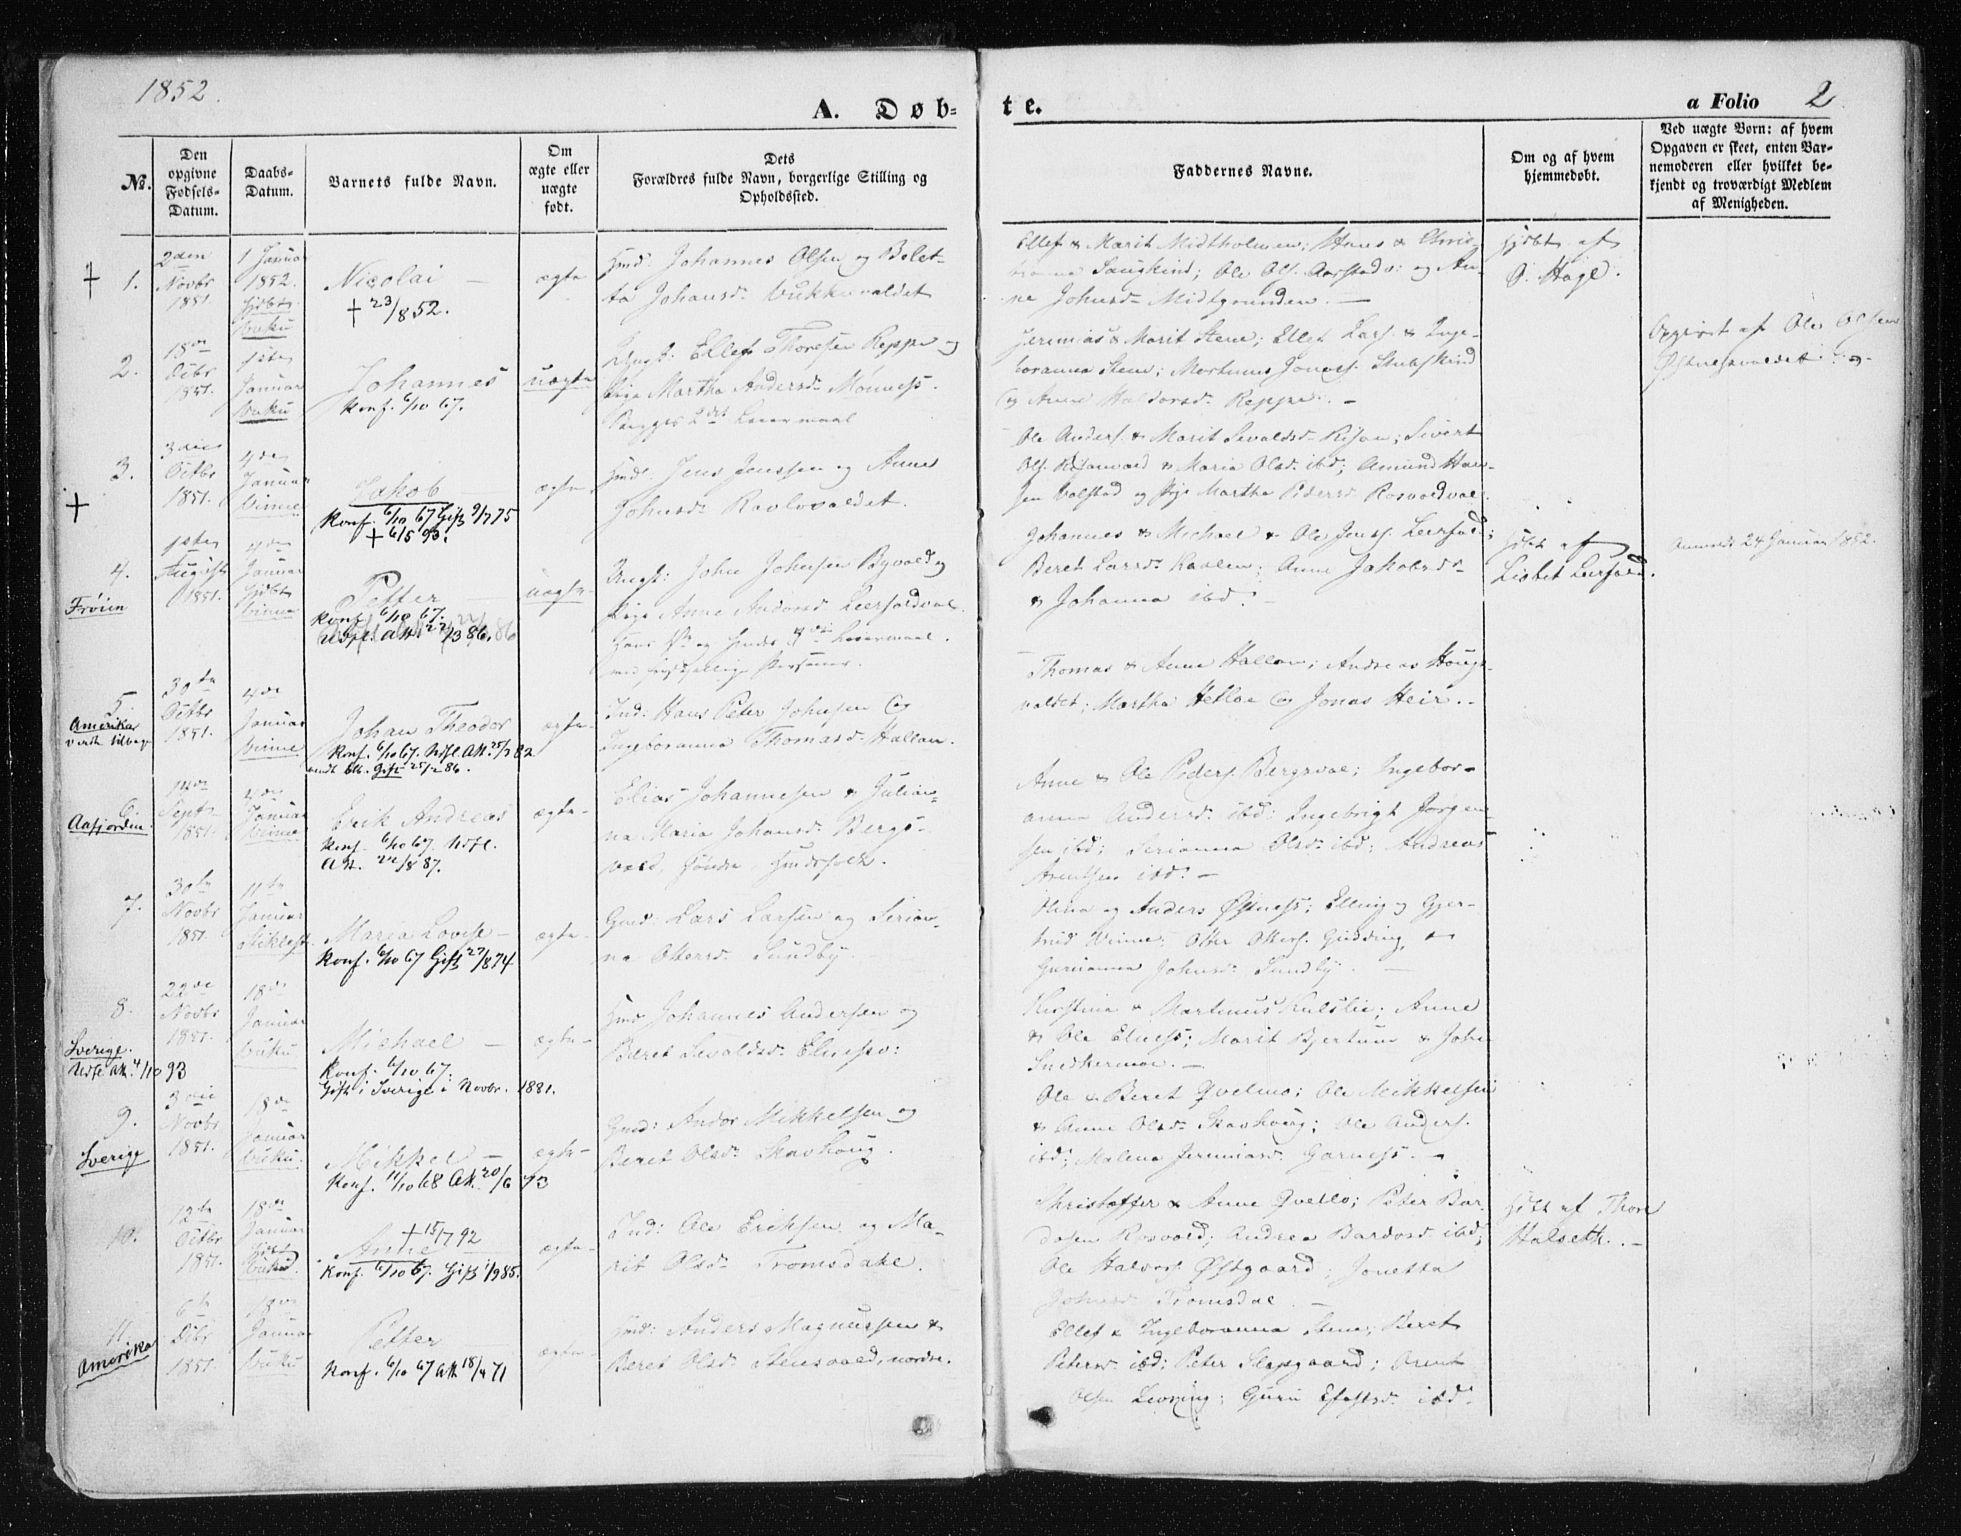 SAT, Ministerialprotokoller, klokkerbøker og fødselsregistre - Nord-Trøndelag, 723/L0240: Ministerialbok nr. 723A09, 1852-1860, s. 2